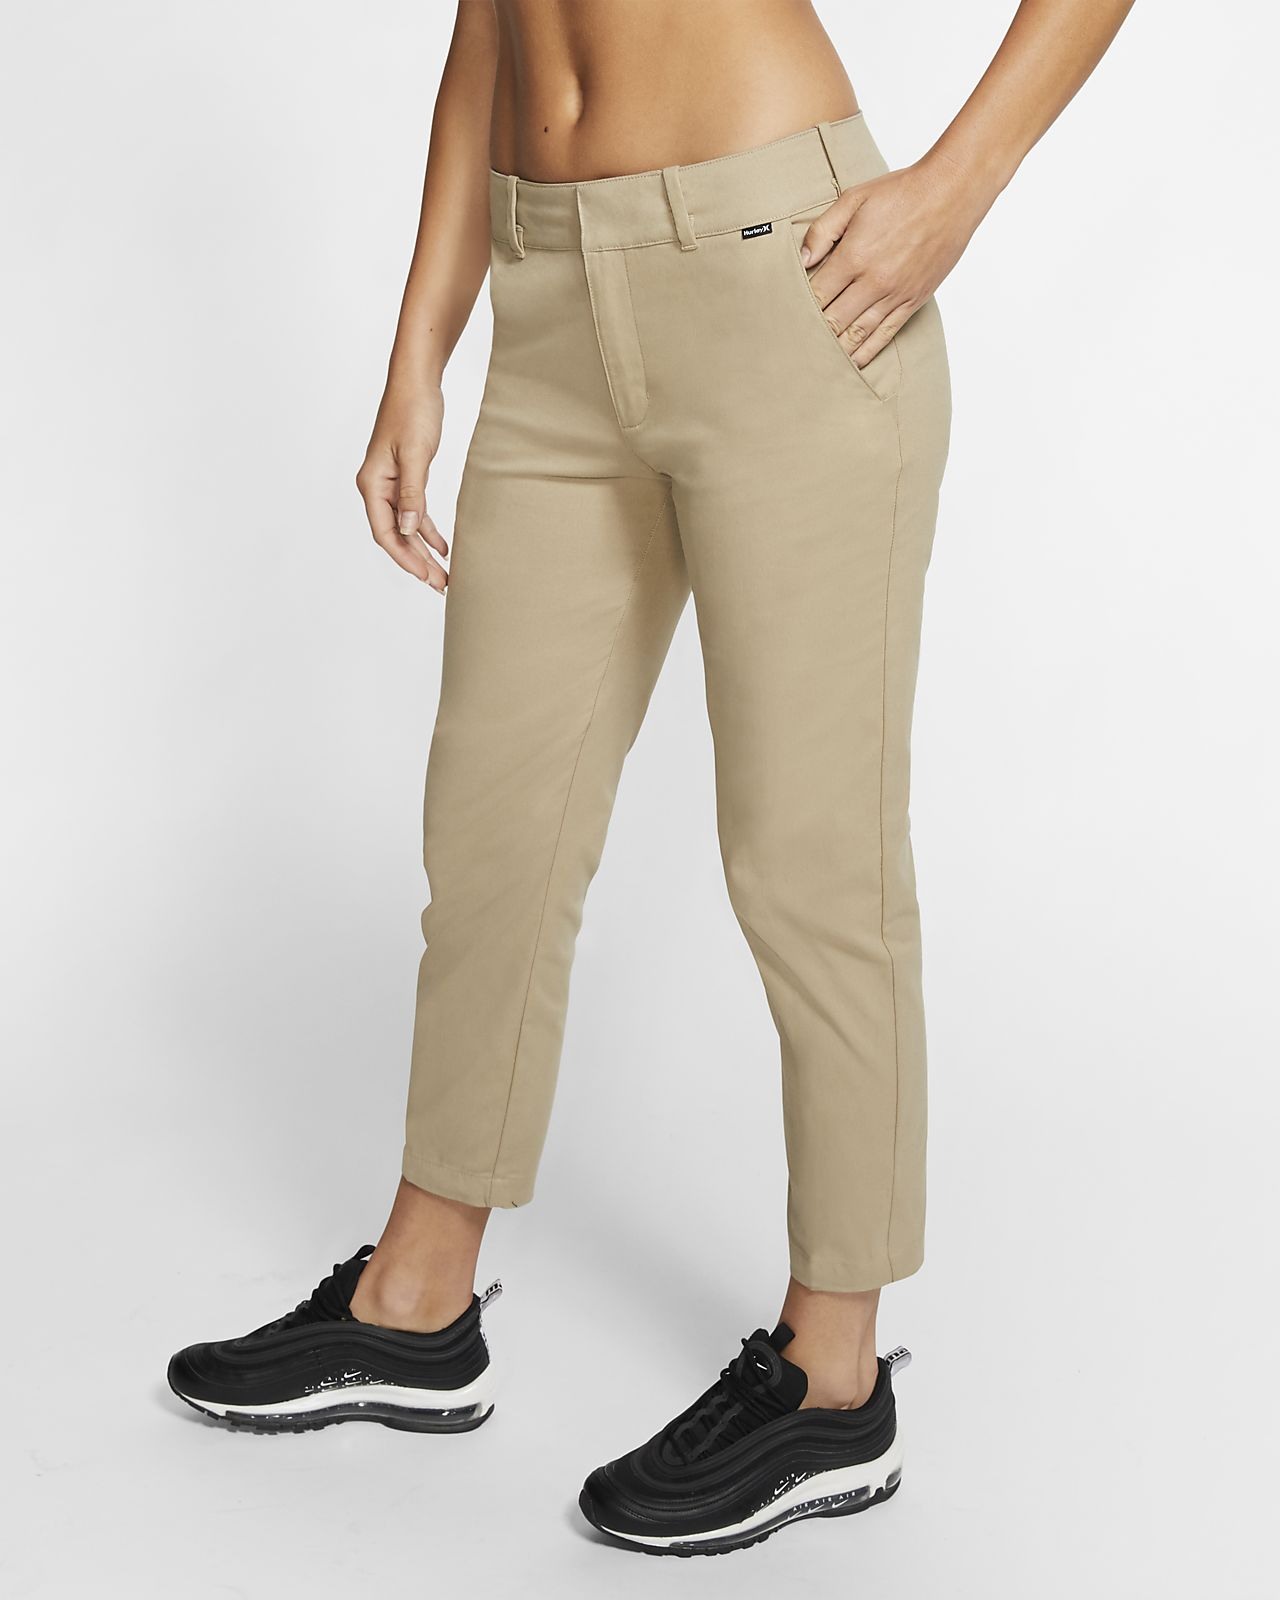 Hurley Lowrider Chino-bukser til dame